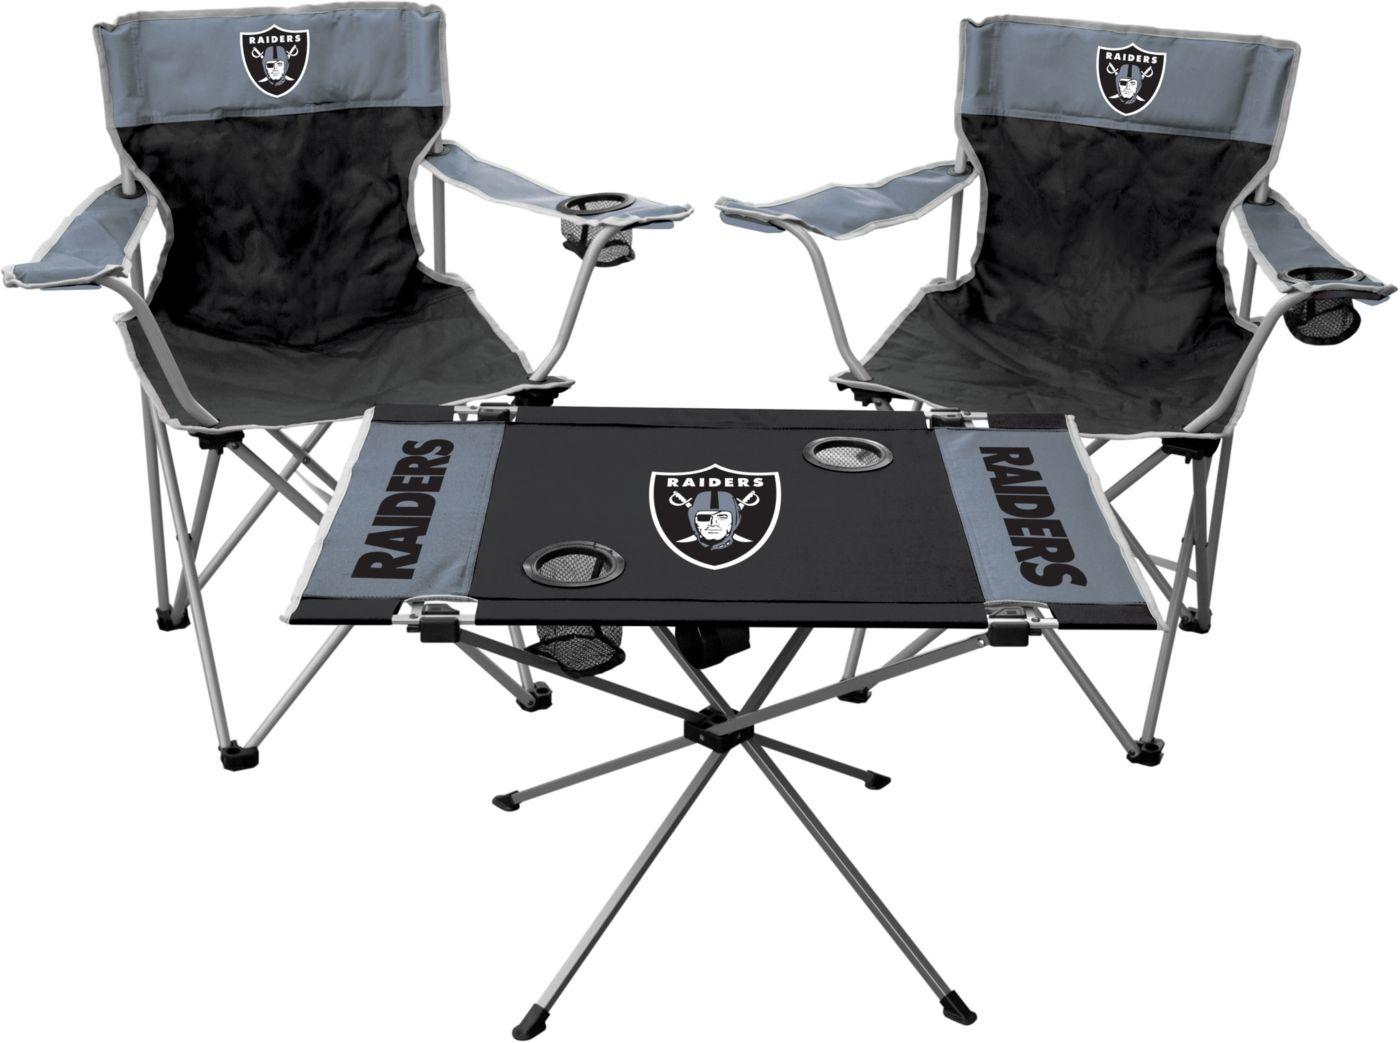 Rawlings Oakland Raiders 3-Piece Tailgate Kit